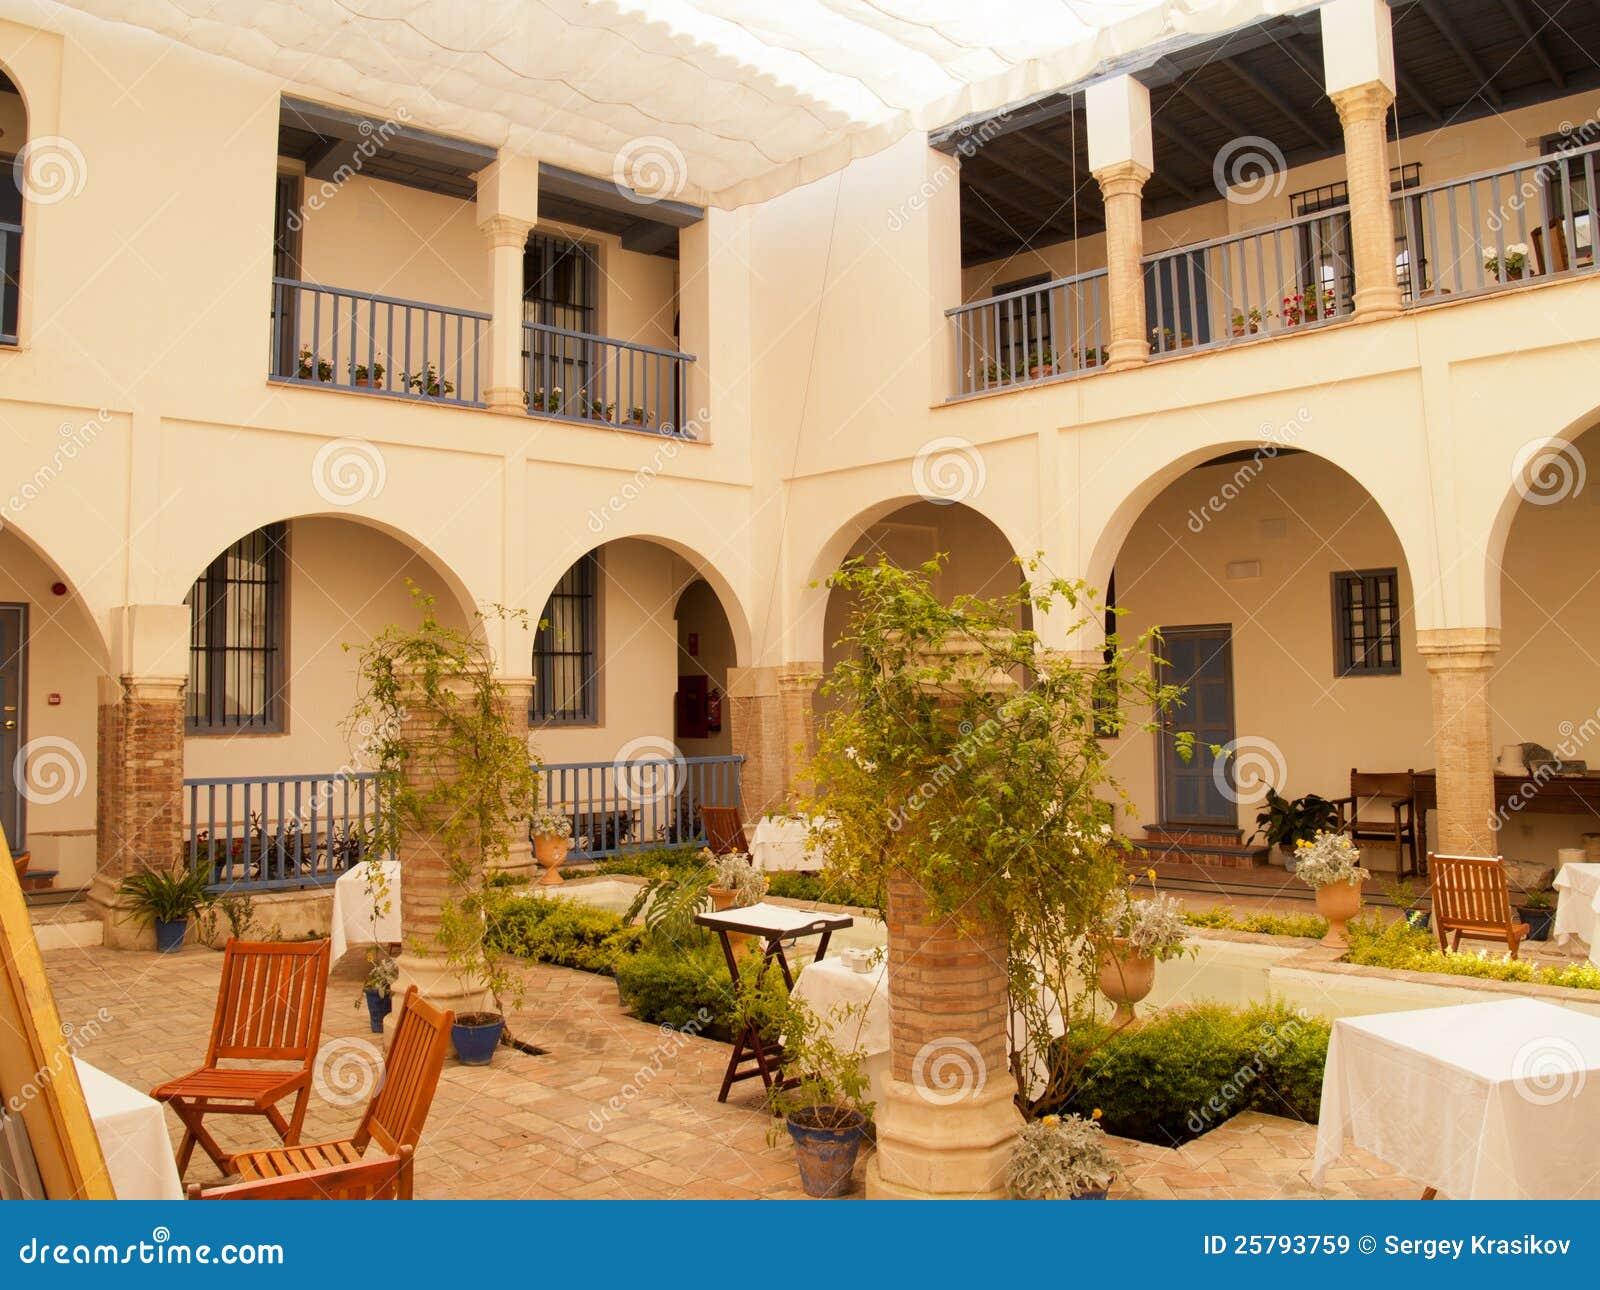 Giardino interno patio della casa storica a cordova - Giardino interno ...